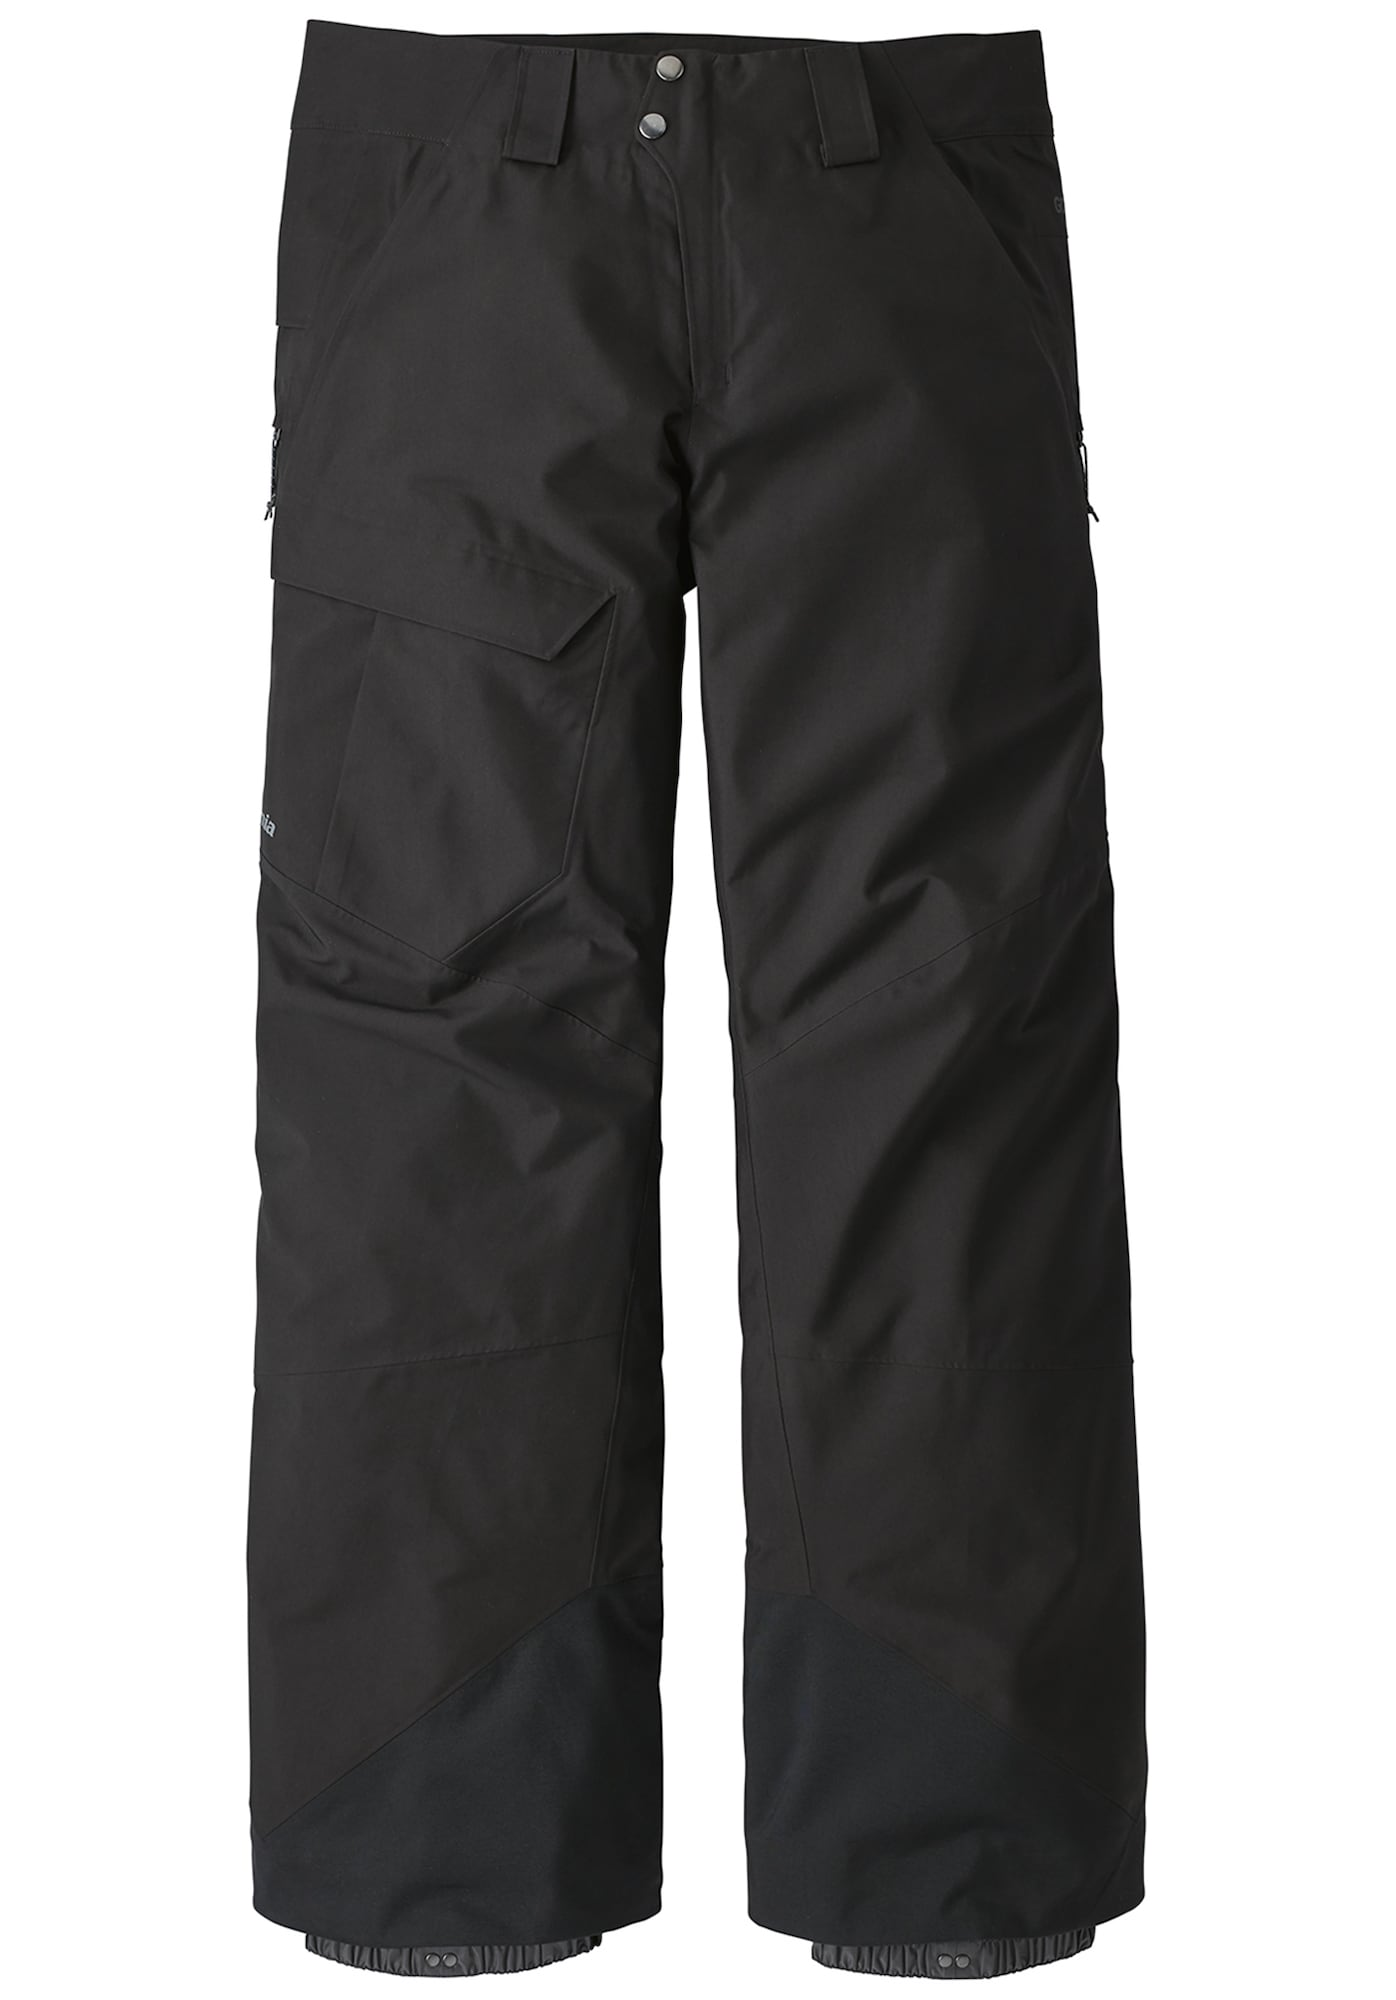 Skihose | Sportbekleidung > Sporthosen > Skihosen | Schwarz | Patagonia